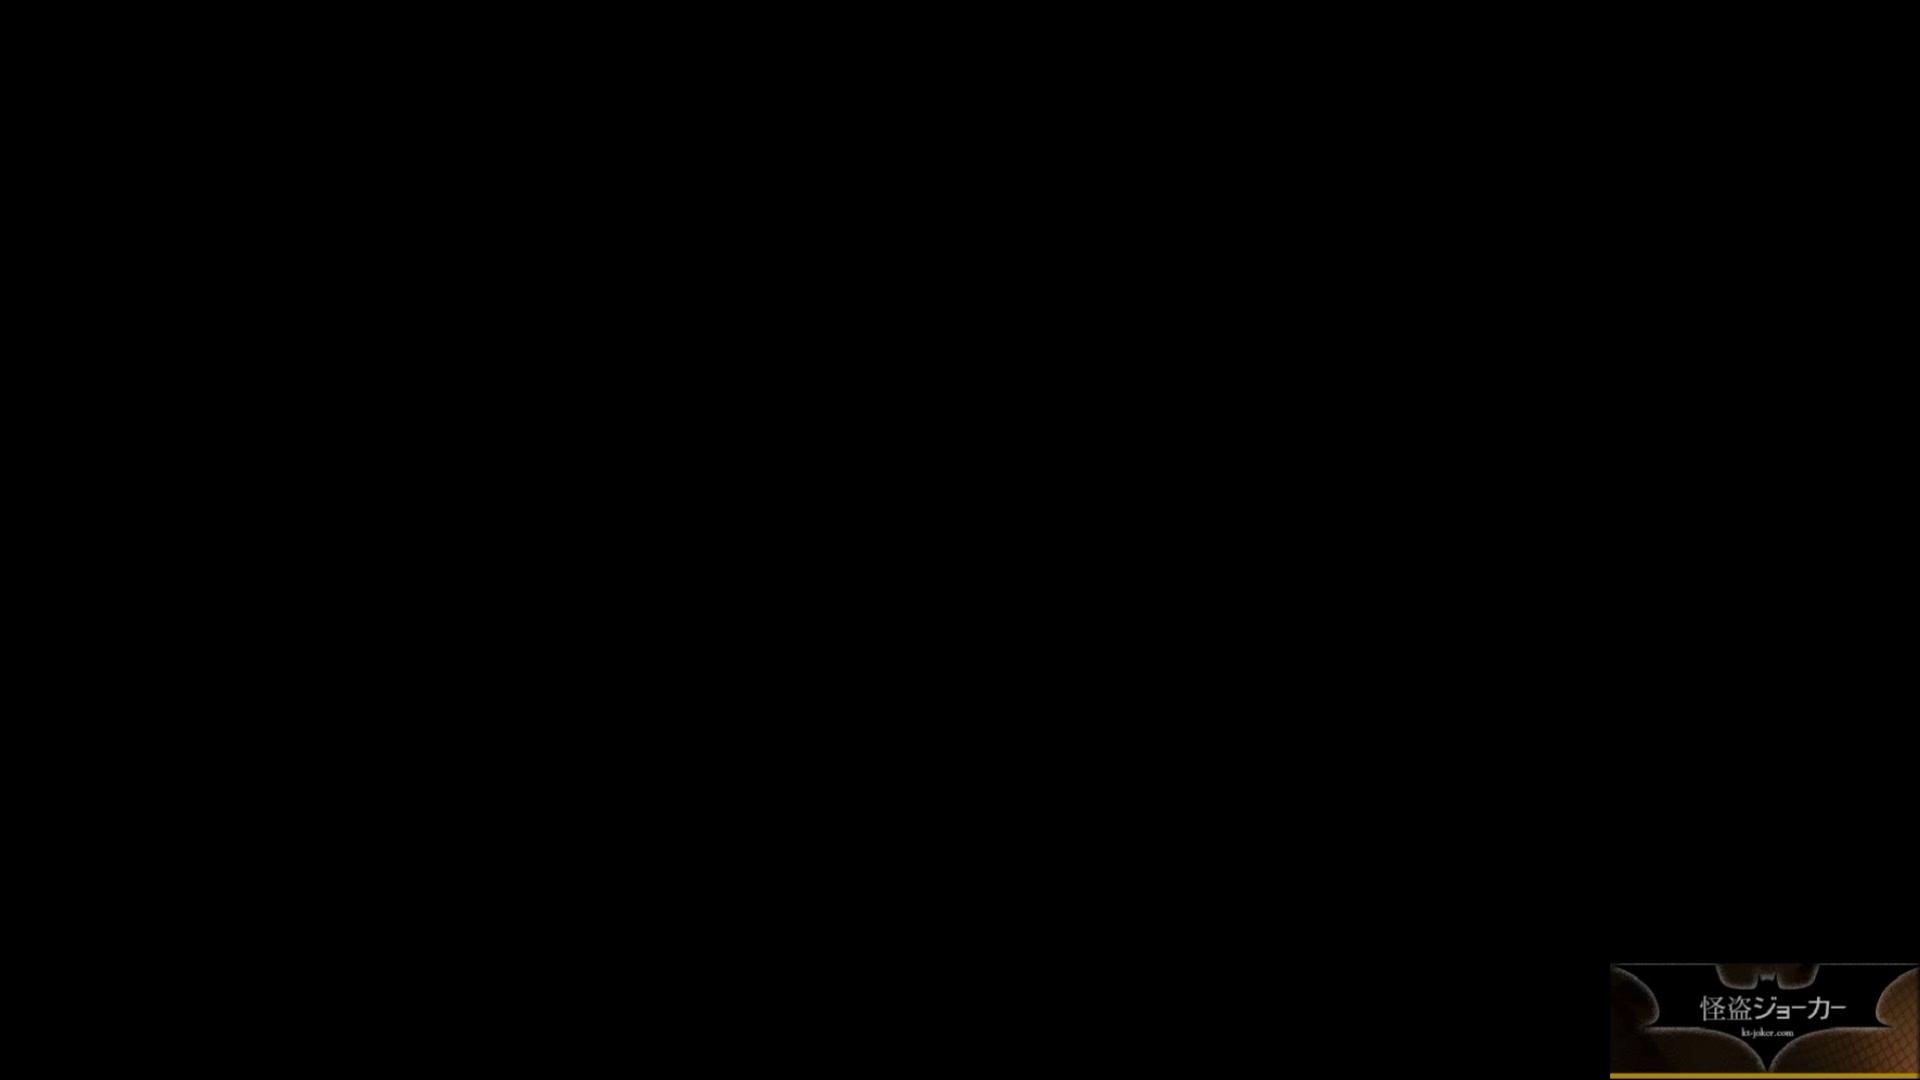 【未公開】vol.26 葵に群がる男たち。。。 OL | 0  77連発 14